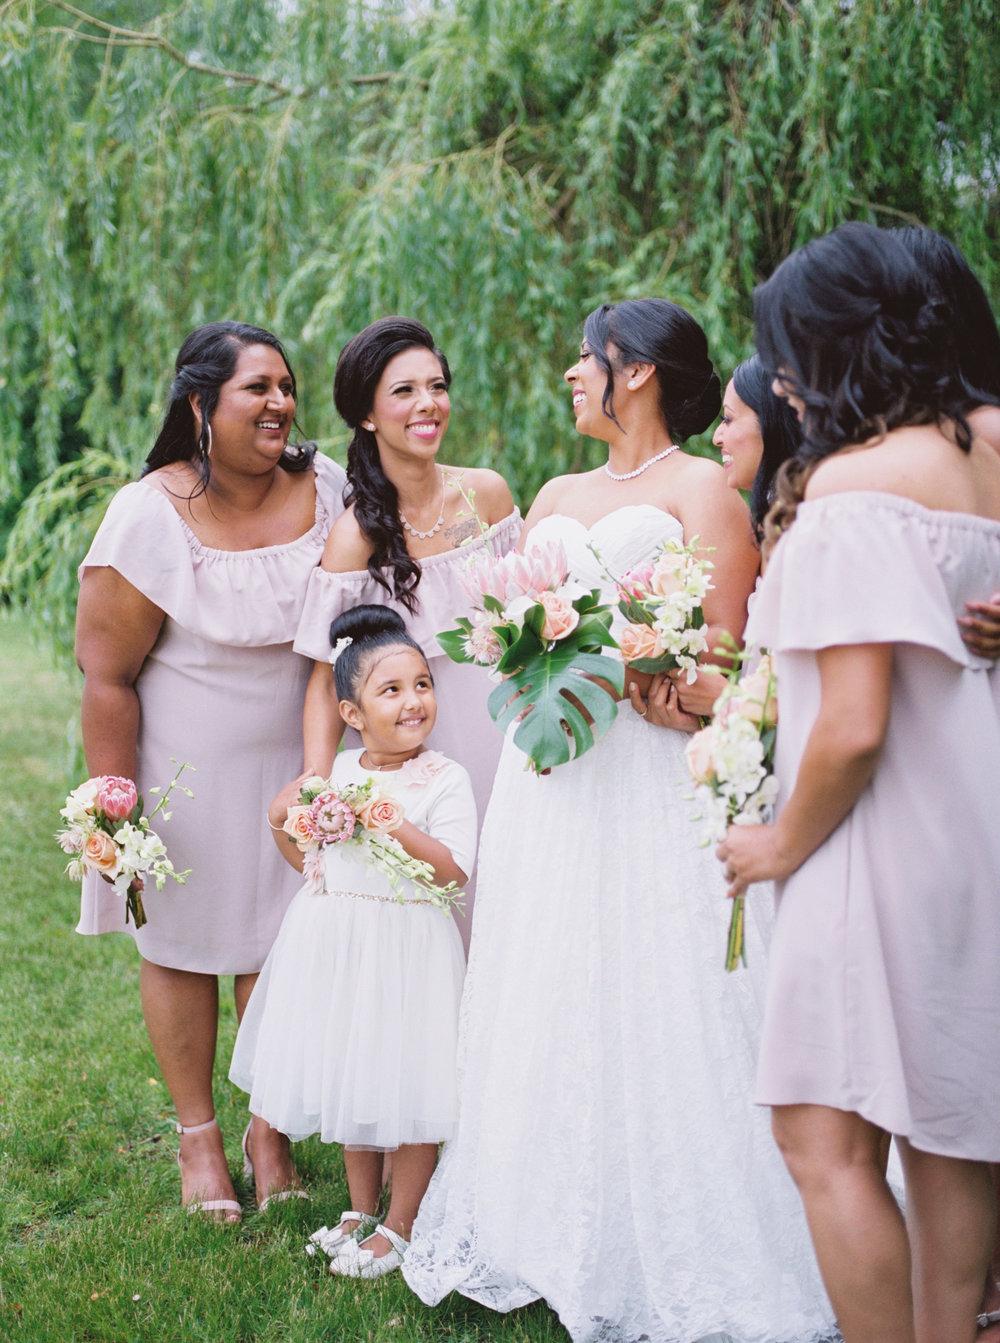 Shalene&Roneel_Wedding_JenzelVeloPhotography132.jpg